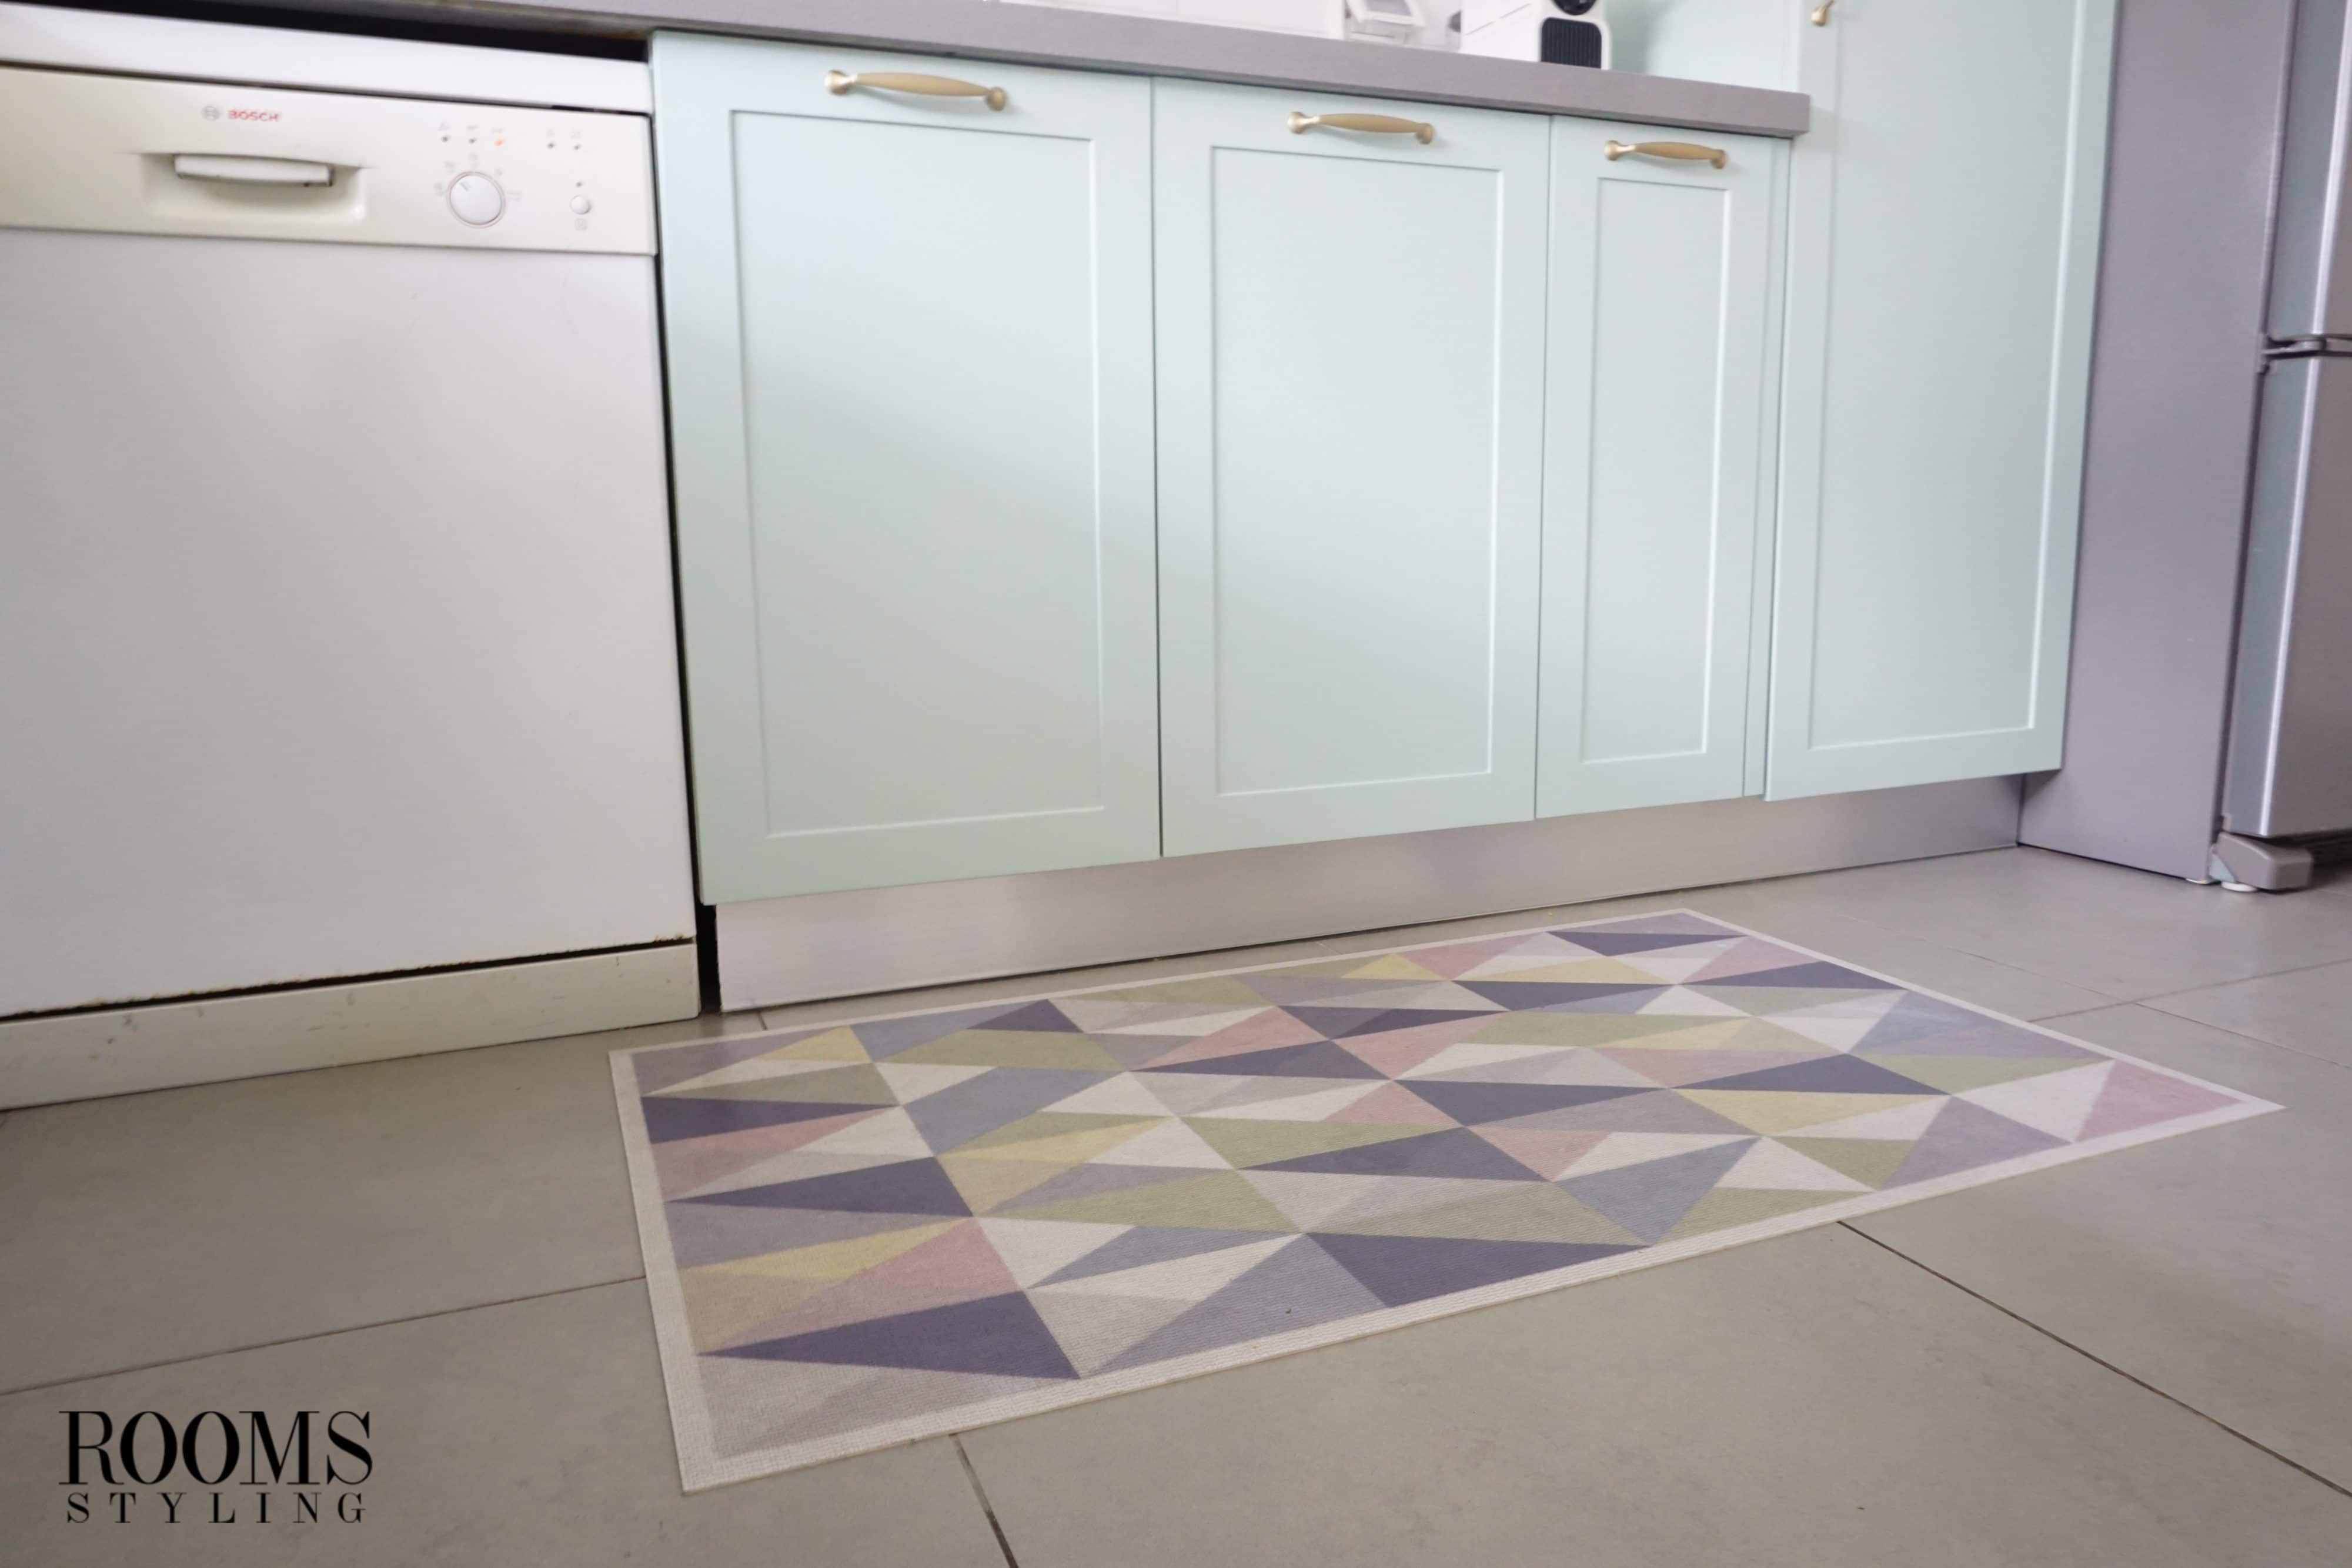 מטבח מעוצב עם שטיח גיאומטרי